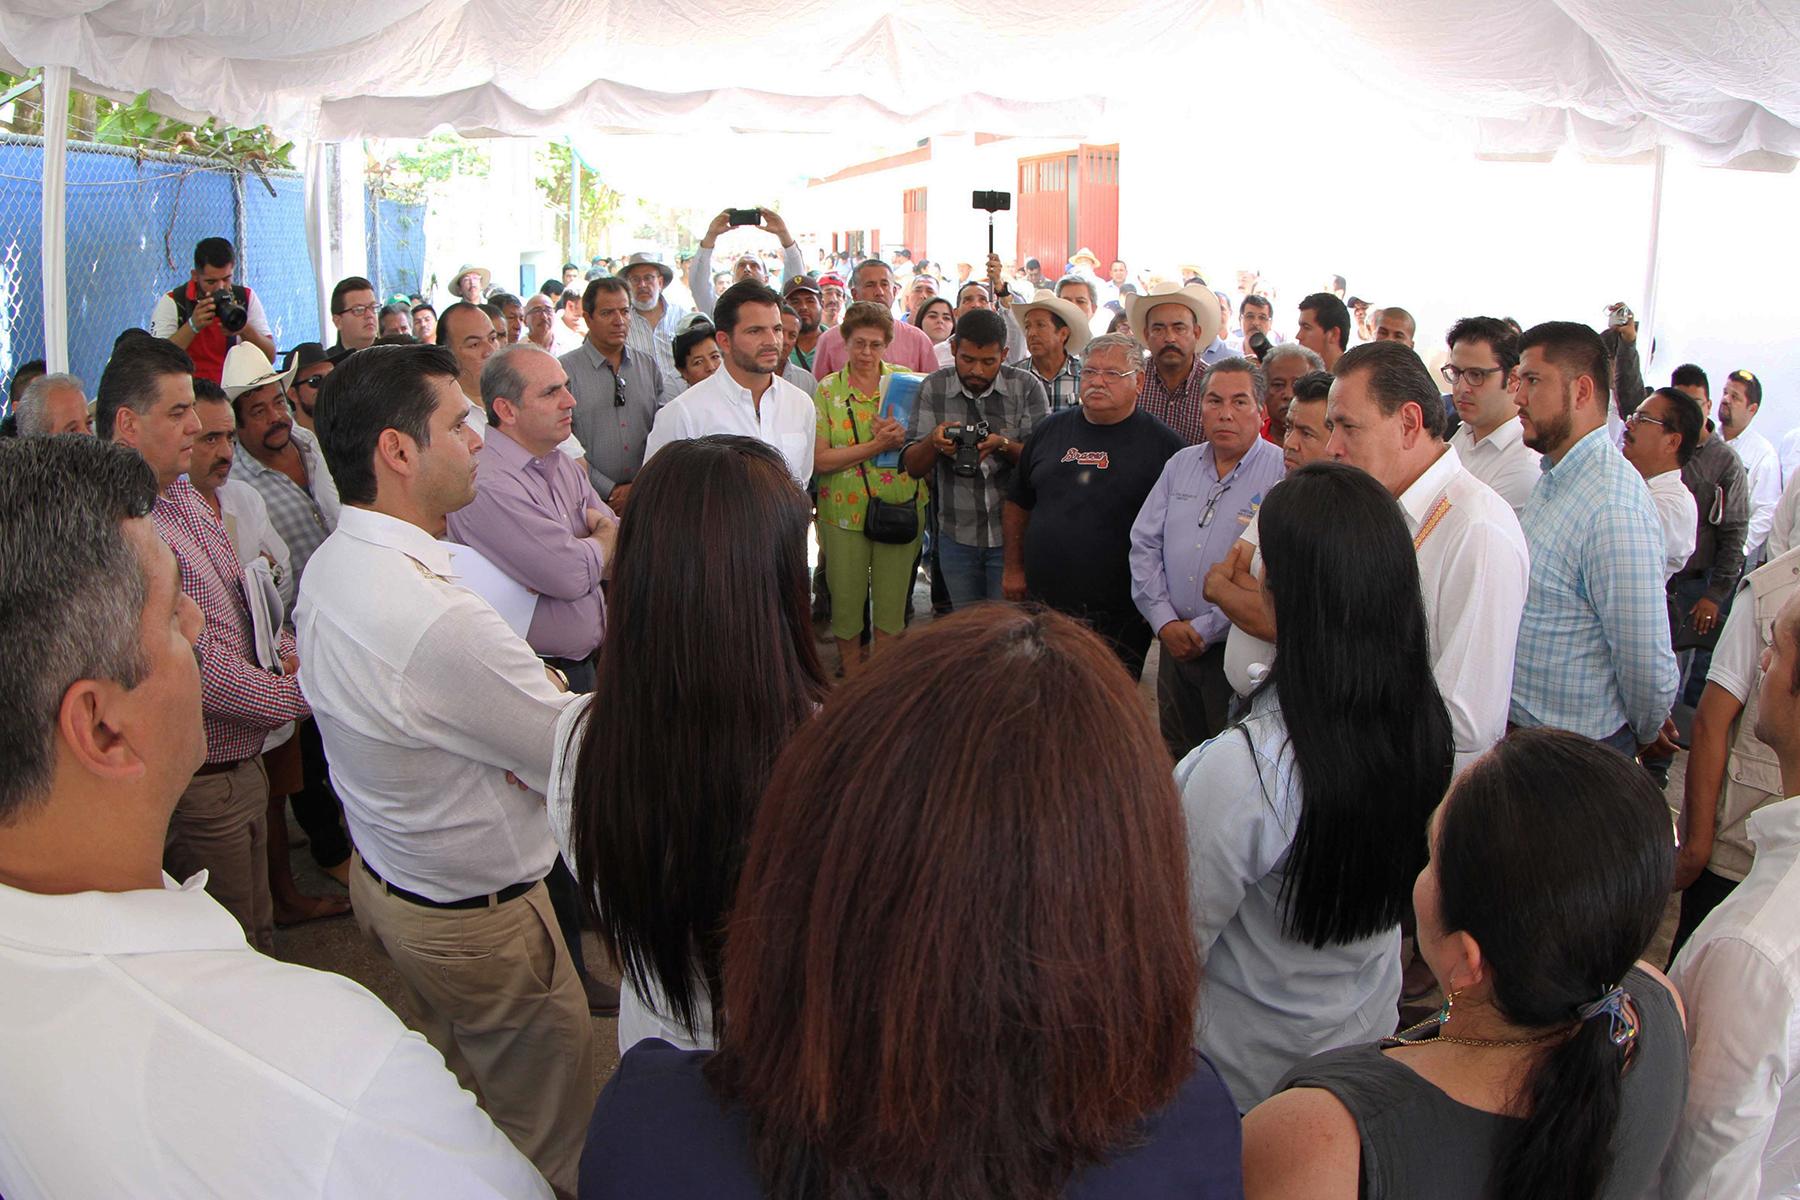 El Gobernador Antonio Echeverría García agradeció los trabajos de la Conagua, debido al gran impacto que tienen las obras en el bienestar de la población.